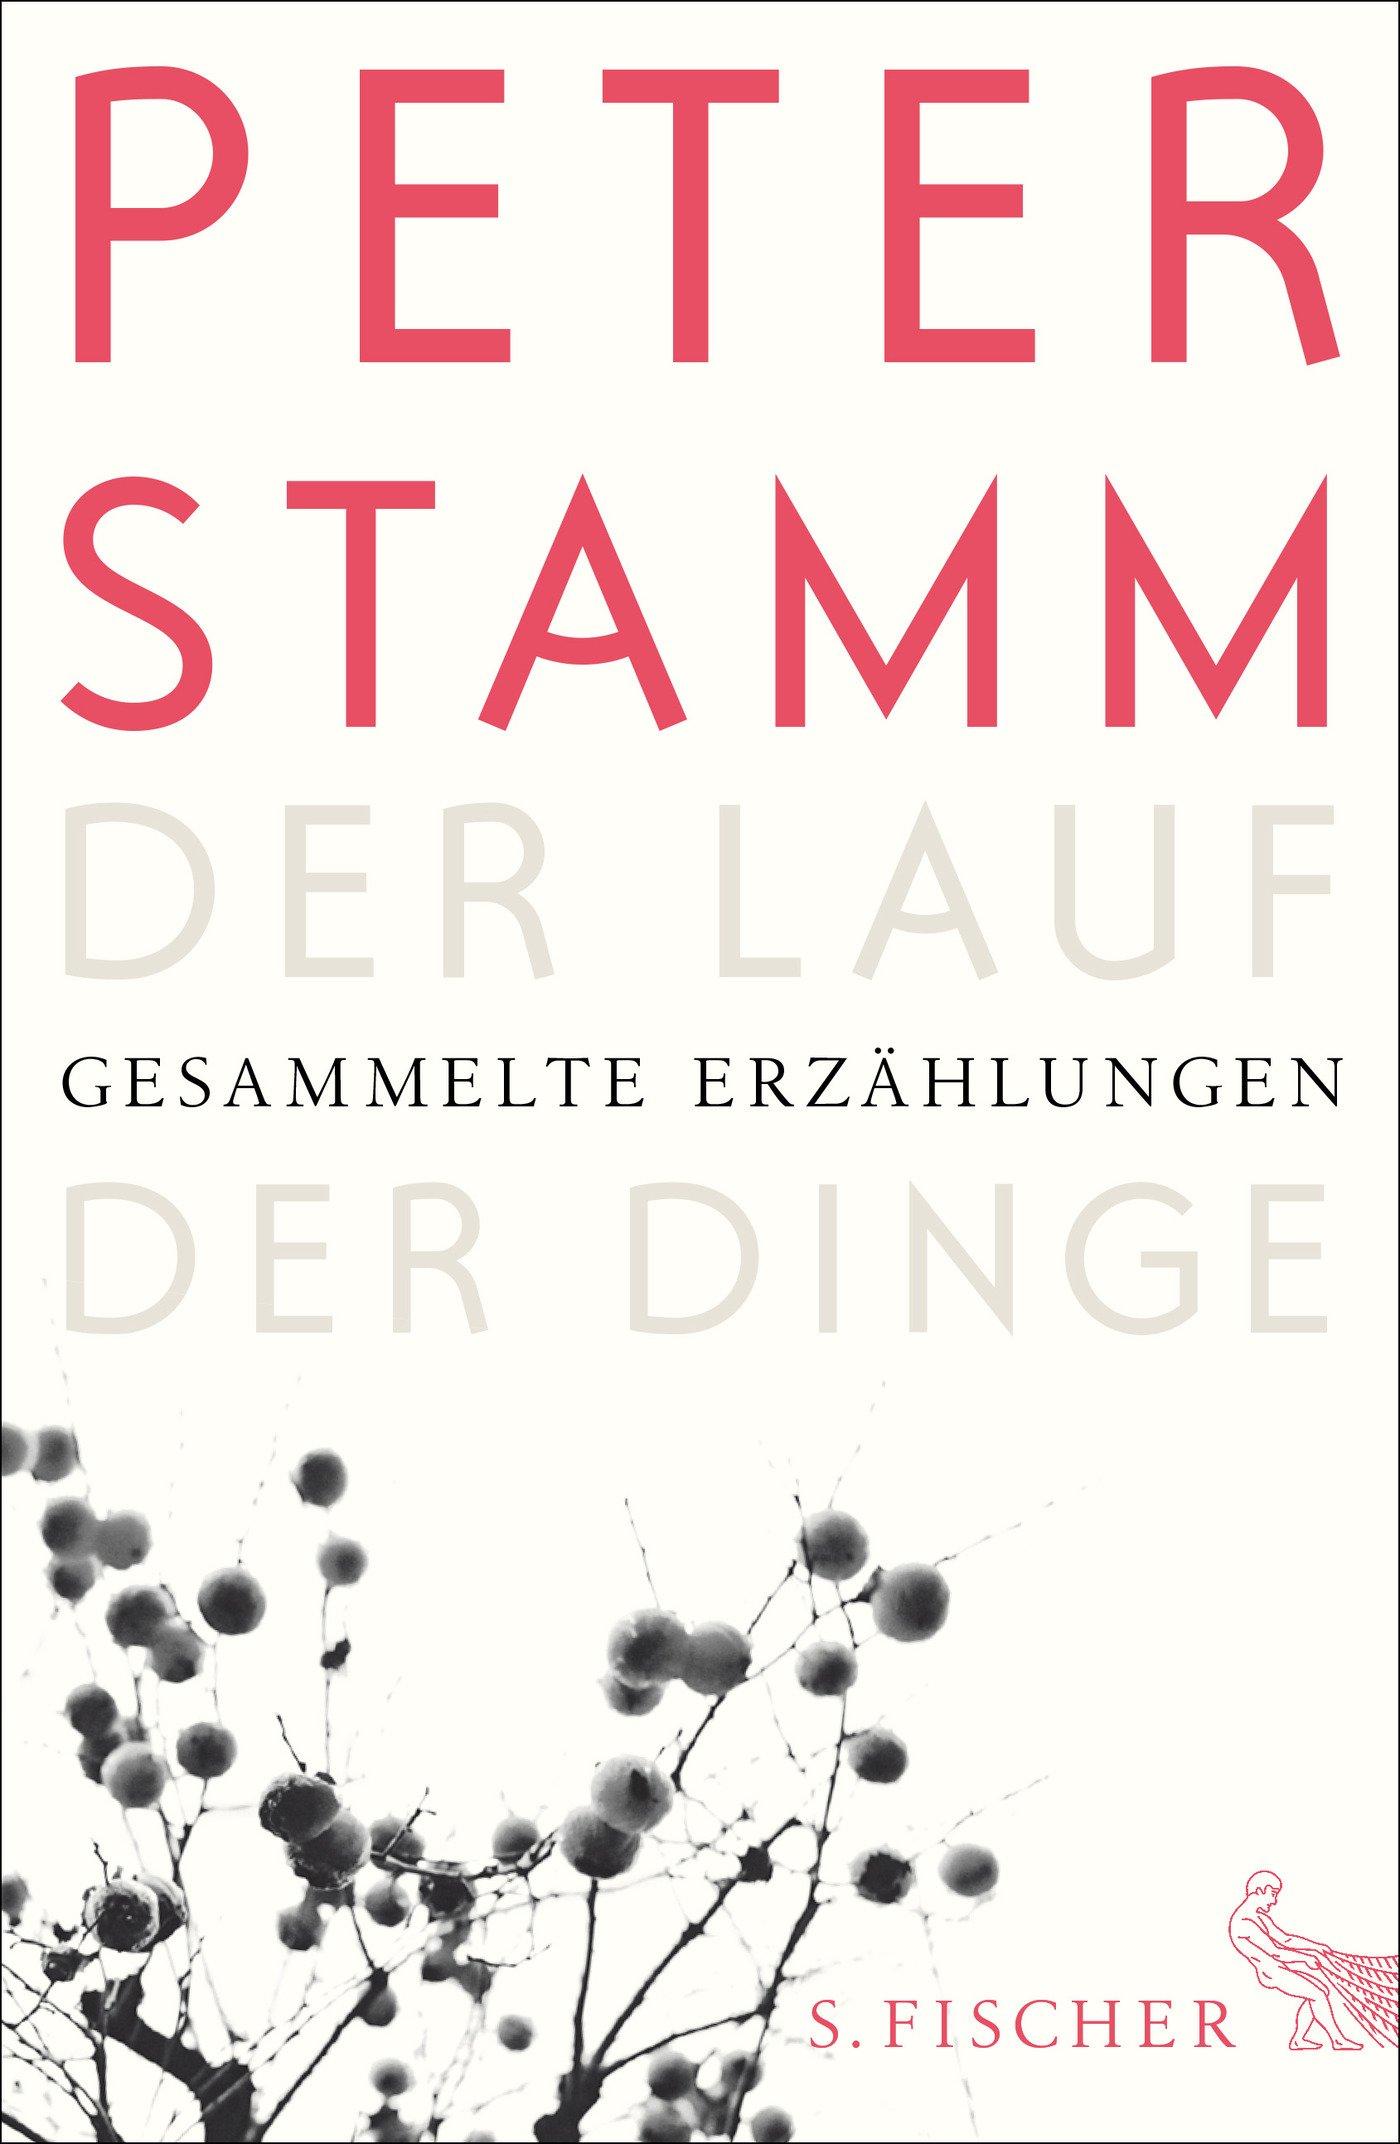 Der Lauf der Dinge: Gesammelte Erzählungen: Amazon.de: Peter Stamm ...